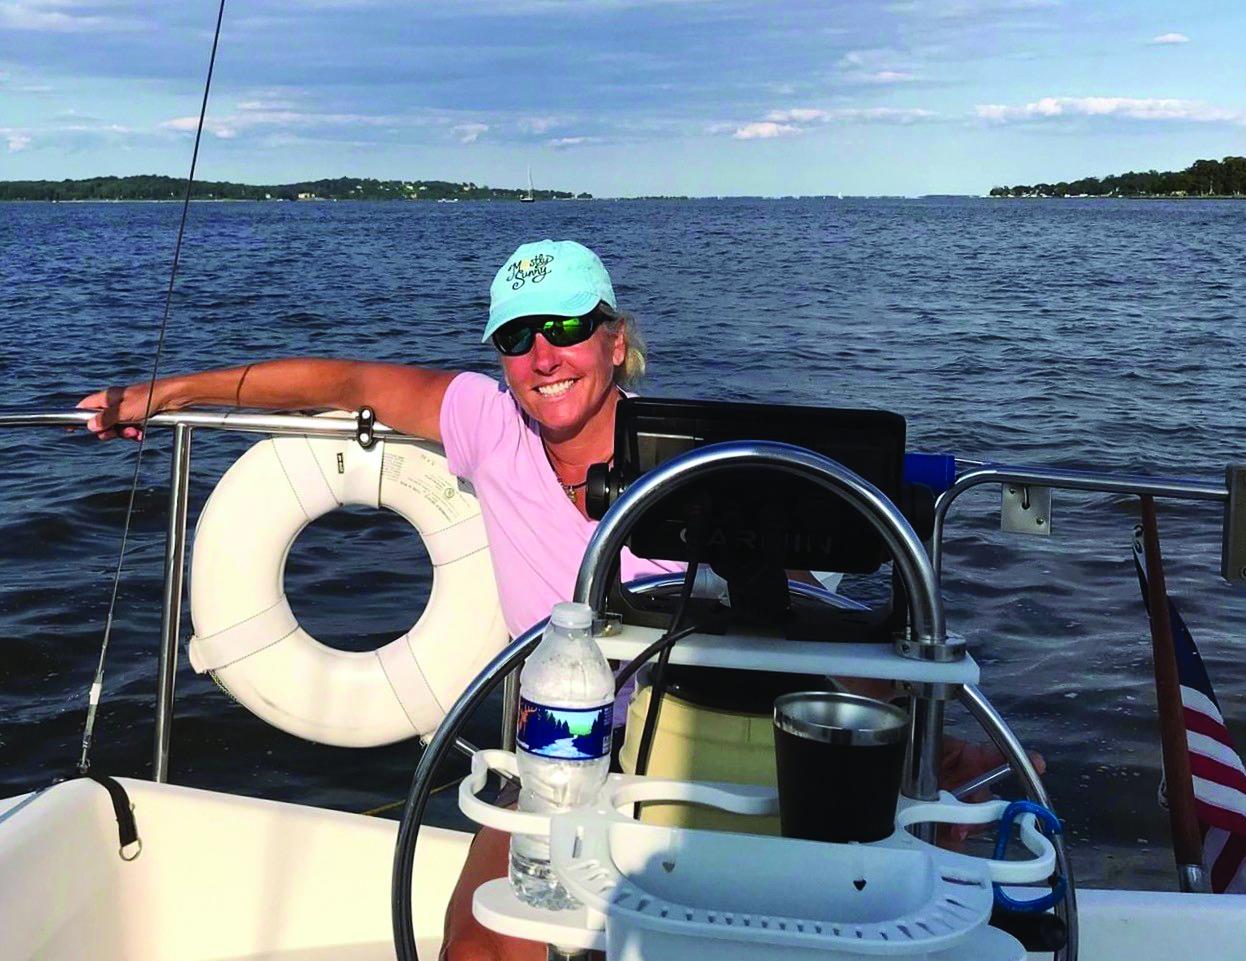 Valerio sailing